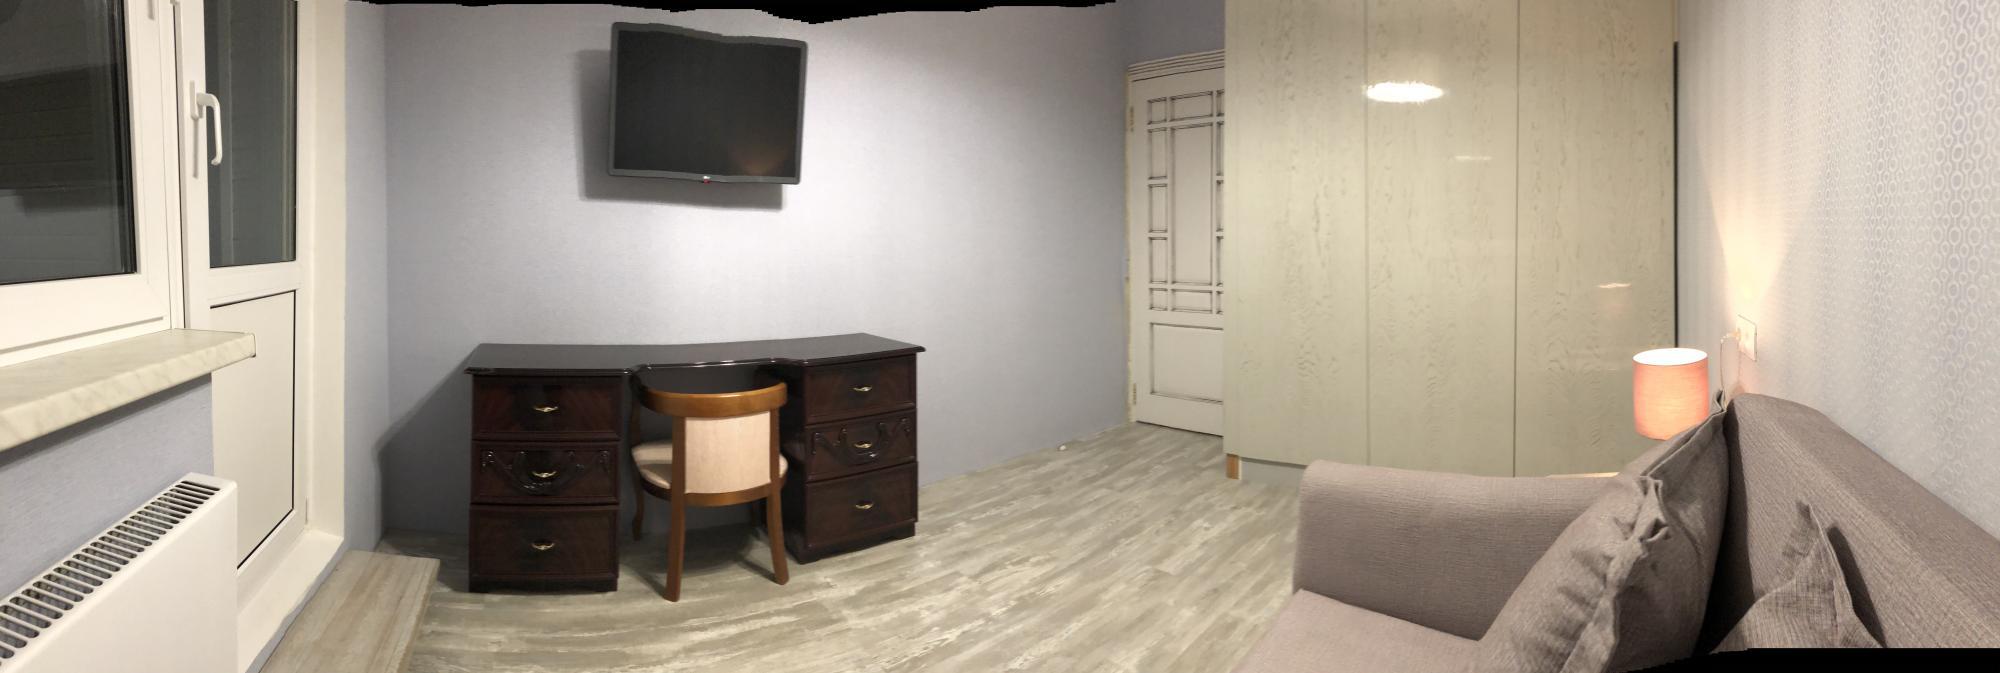 Квартира, 3 комнаты, 84 м² в Троицке 89671215191 купить 10